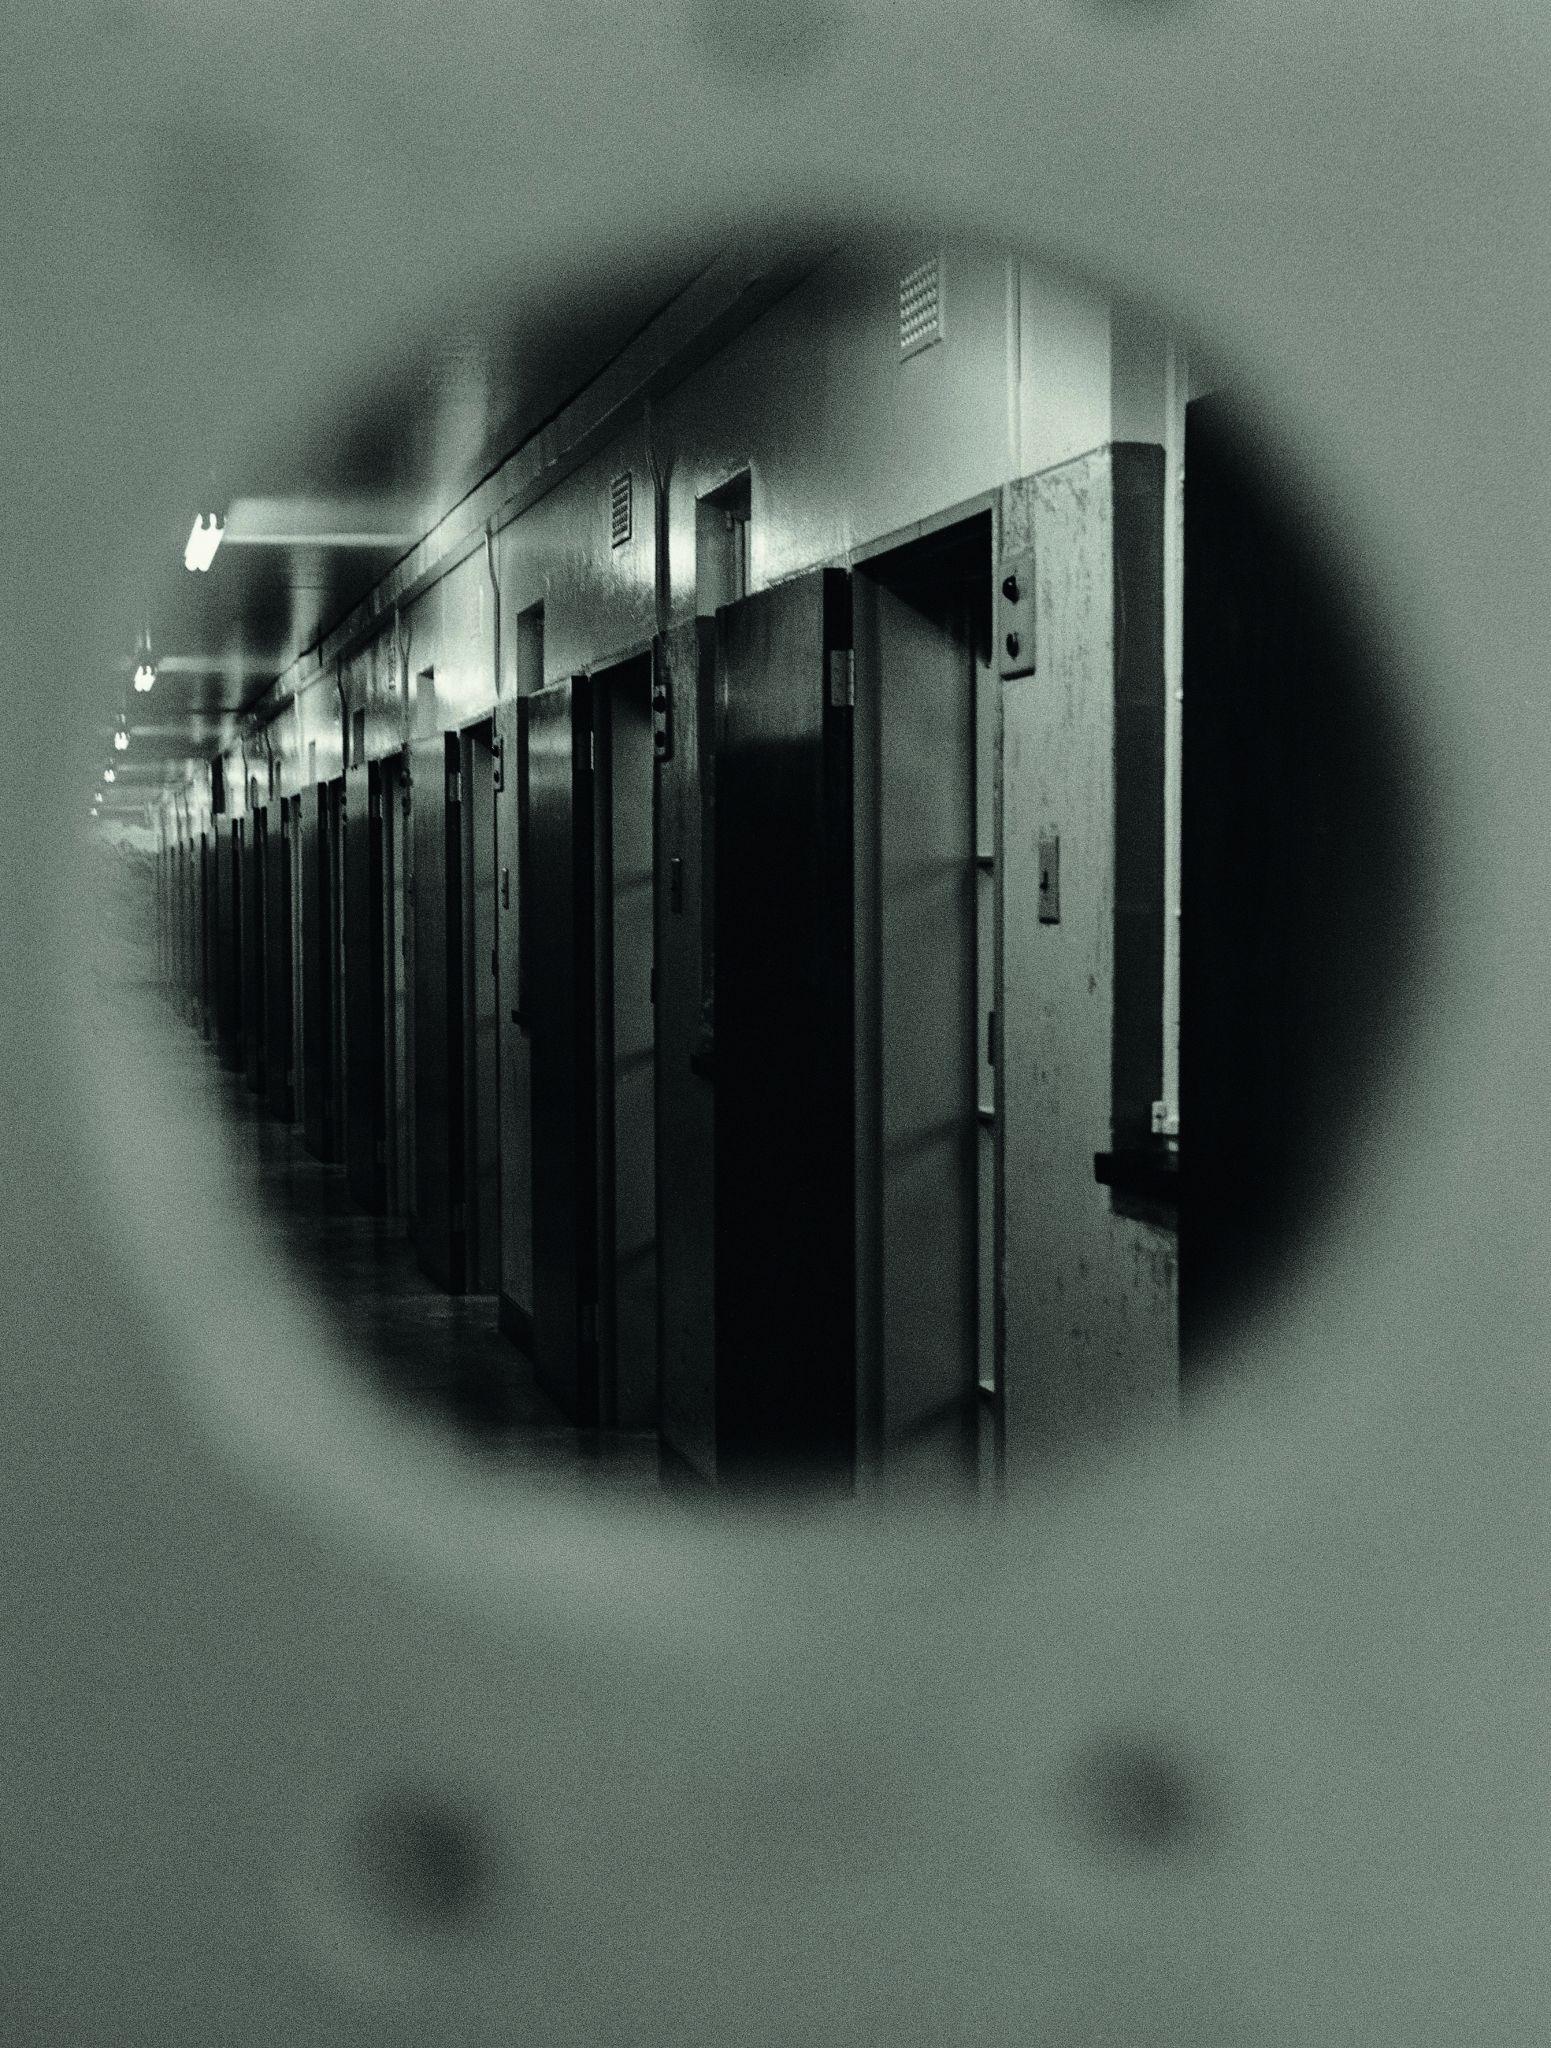 Seção B, o corredor no qual está a cela de Nelson Mandela, uma vista do buraco da fechadura, 1992, Koto Bolofo